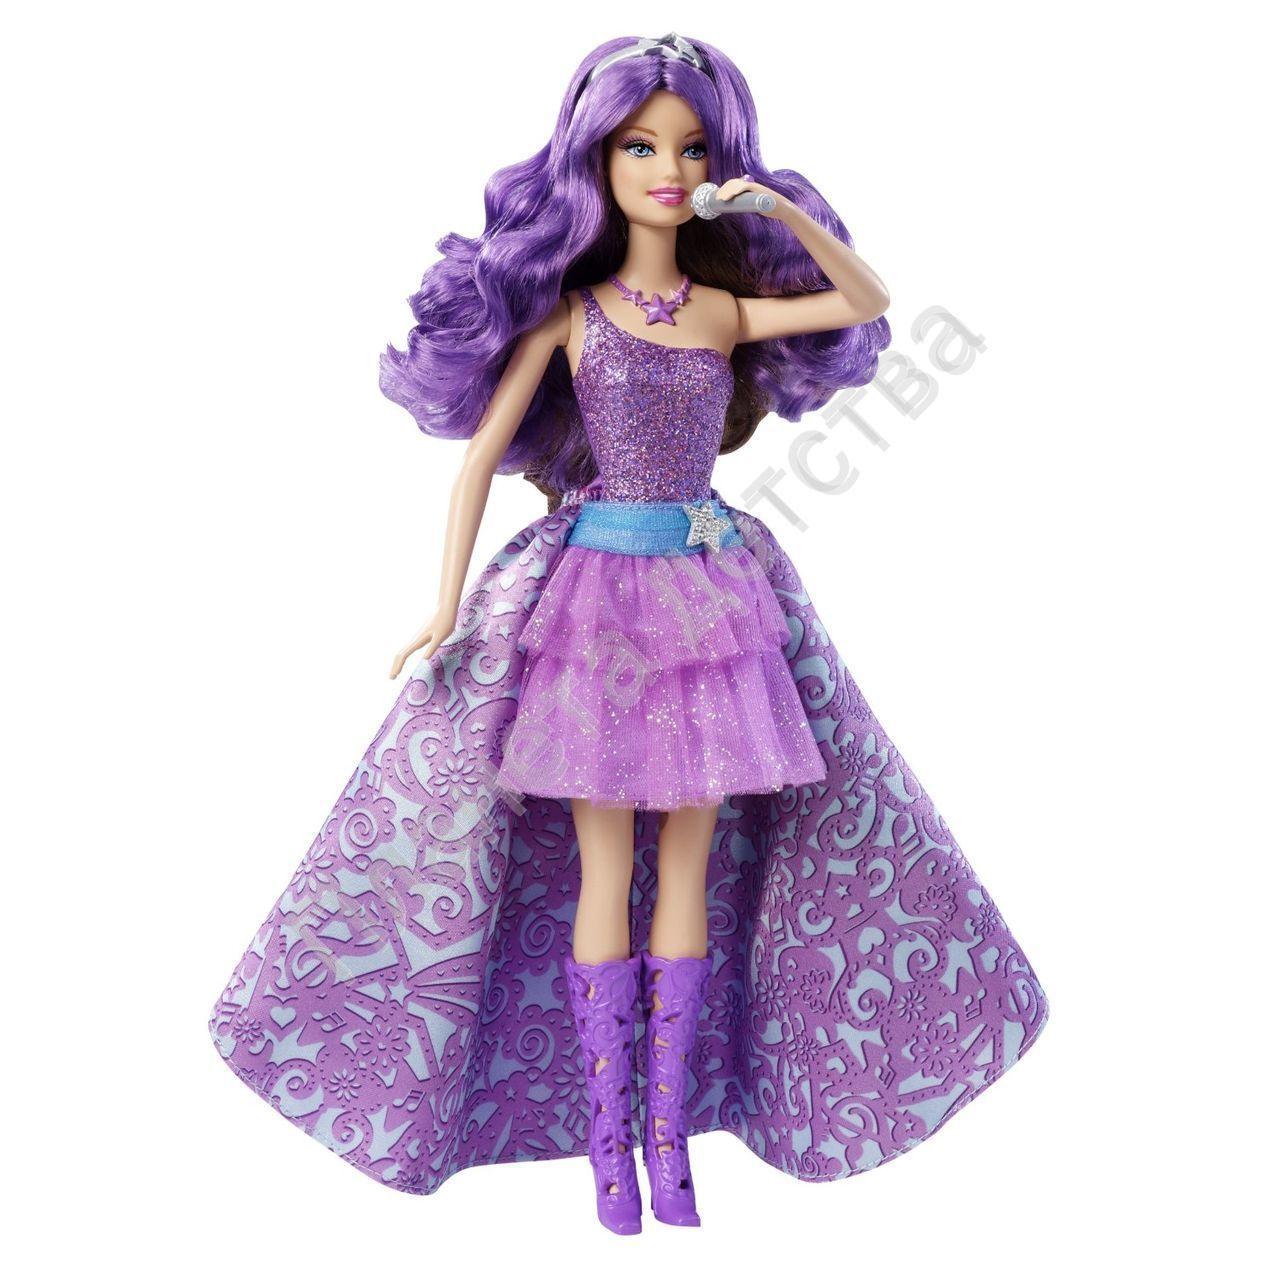 Куклы принцесса и поп звезда 8 фотография